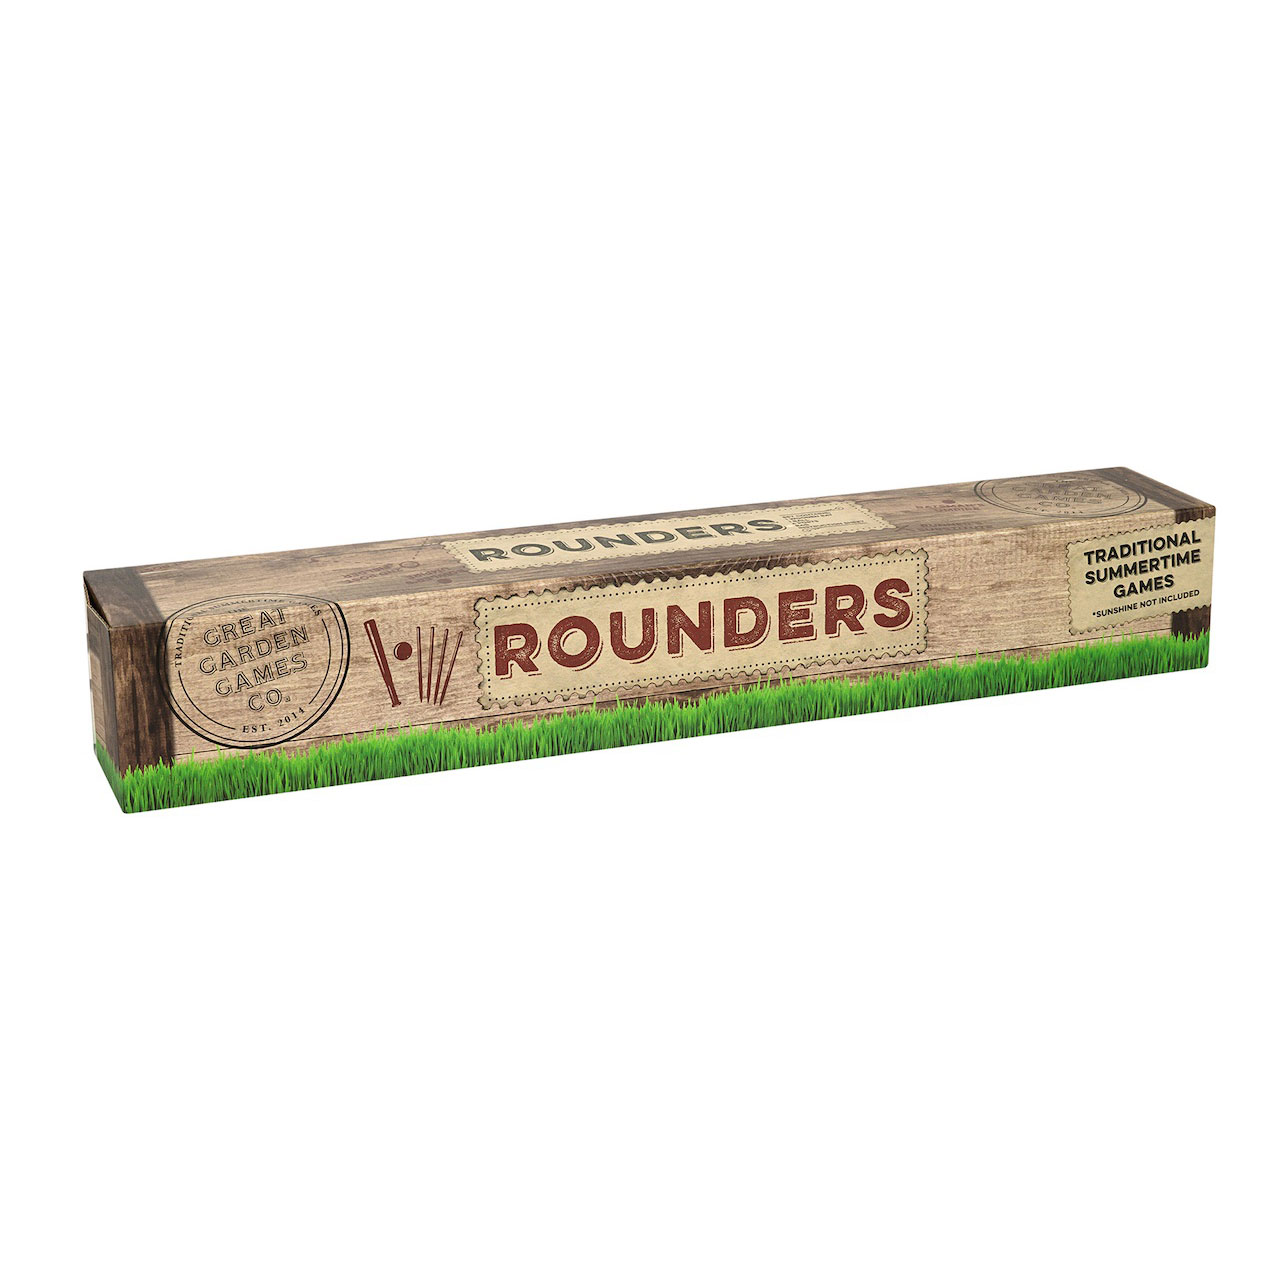 GardenGames_Rounders_box